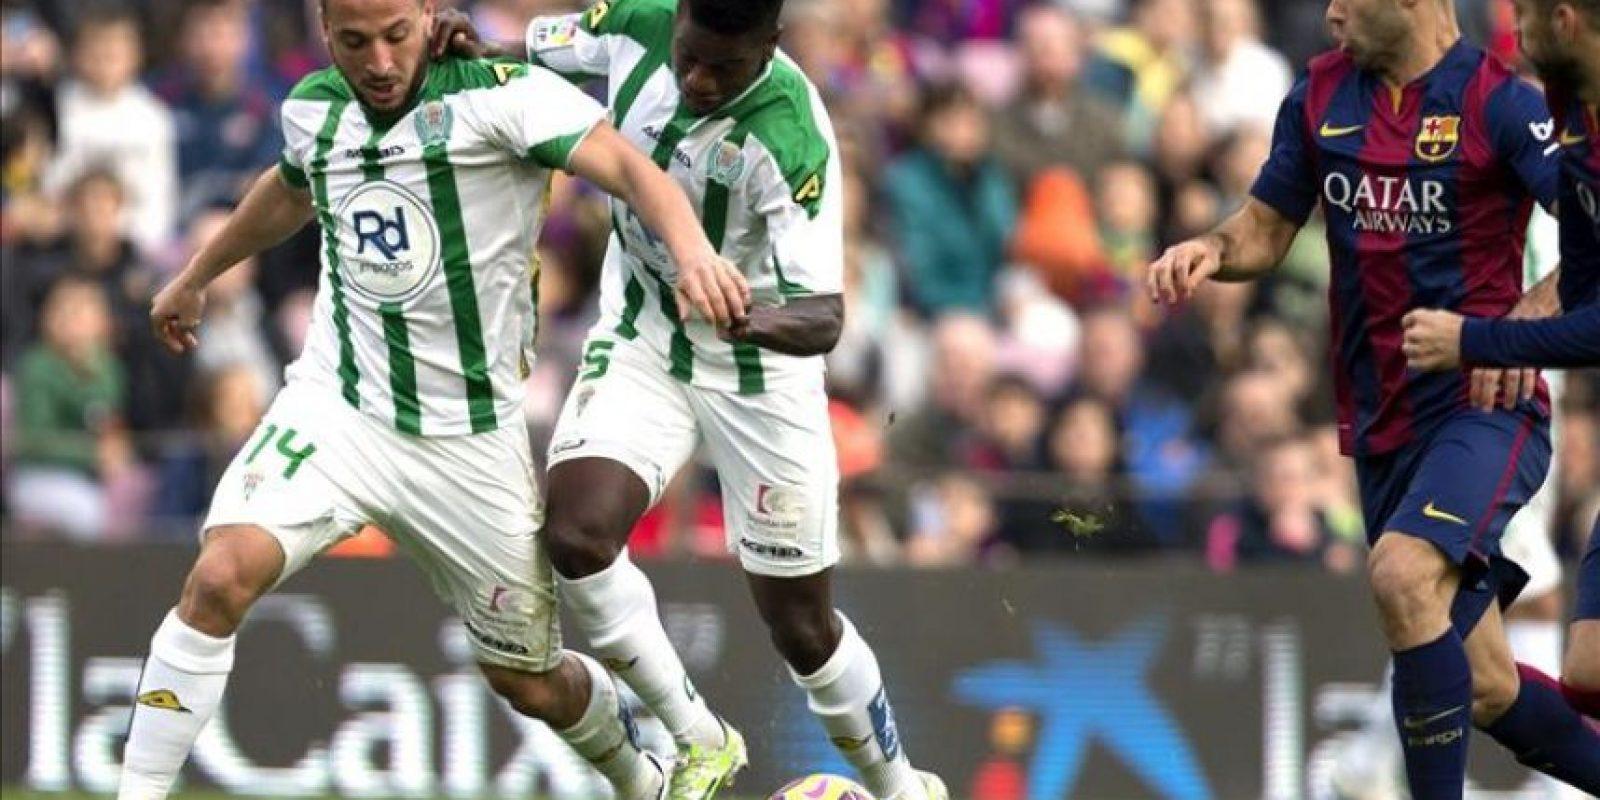 El defensa del FC Barcelona Javier Alejandro Mascherano (d) y el los jugadores del Córdoba, el argelino Nabil Ghilas y el camerunés Patrick Ekeng (c) durante el partido correspondiente a la decimosexta jornada de Liga. EFE